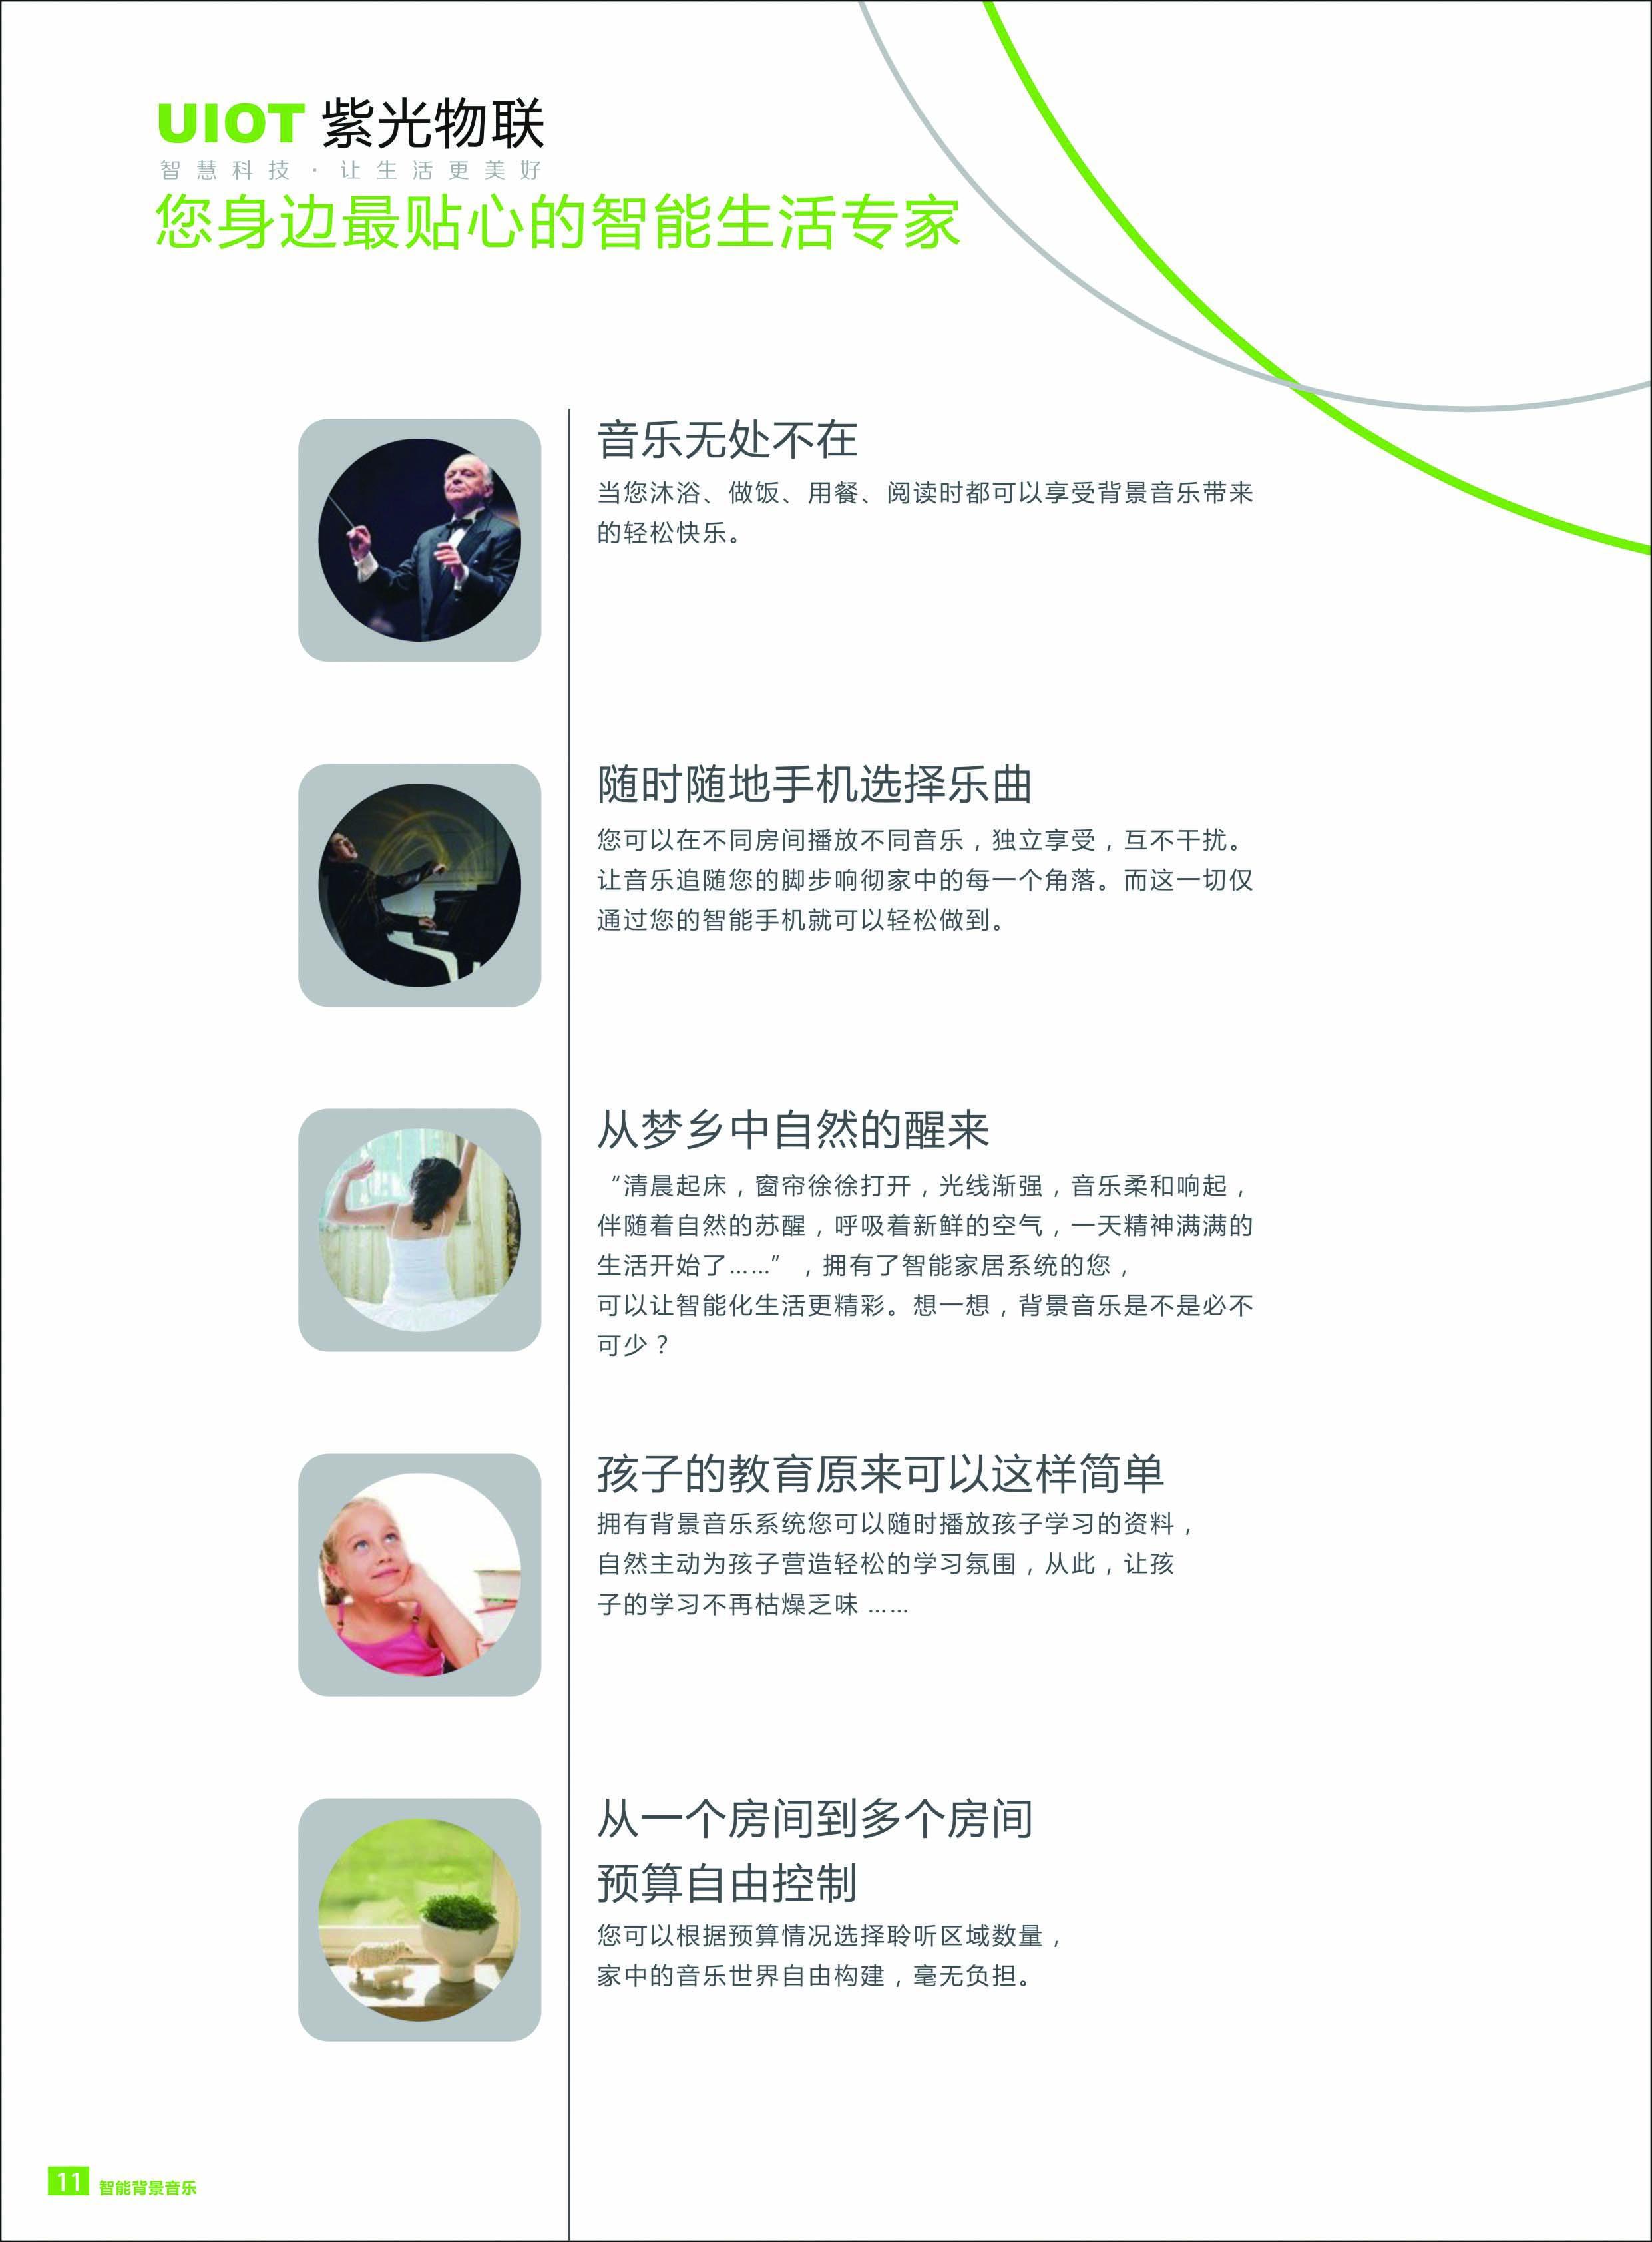 紫光物联功能手册-11.jpg